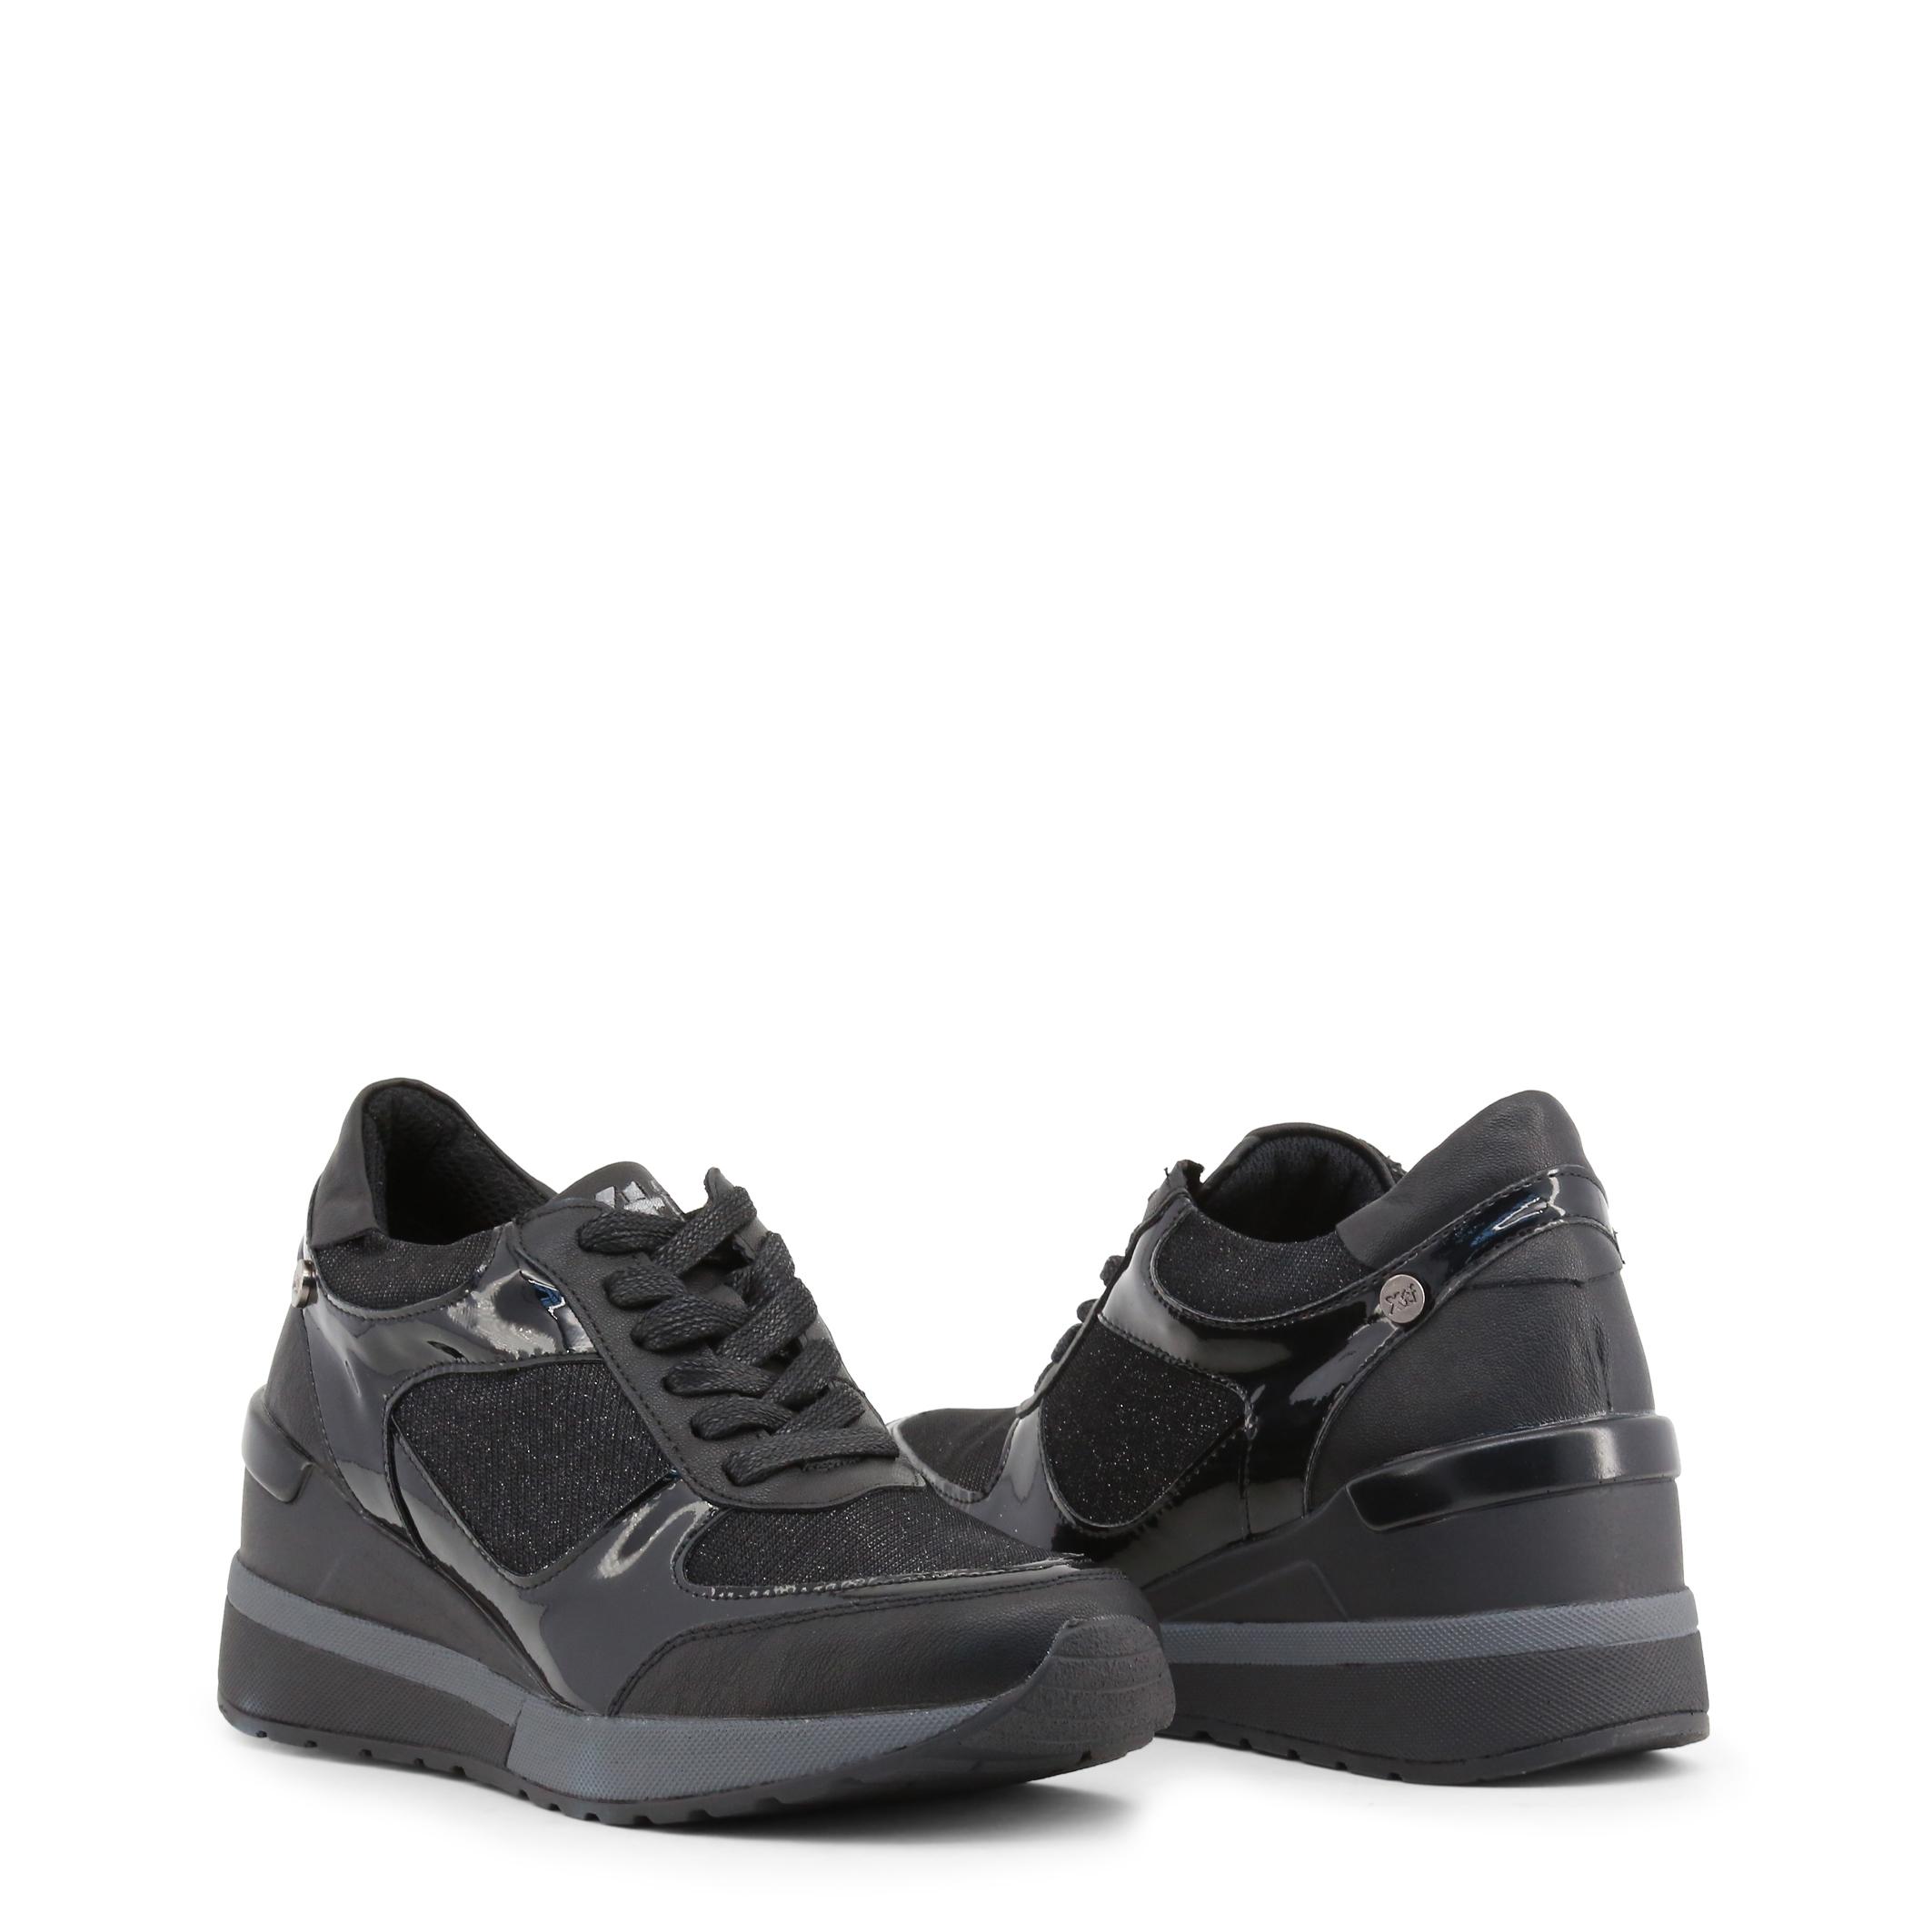 Xti Schuhe 47411, Damen Sneakers freizeit Grau/Blau/Schwarz turnschuhe freizeit Sneakers 992271